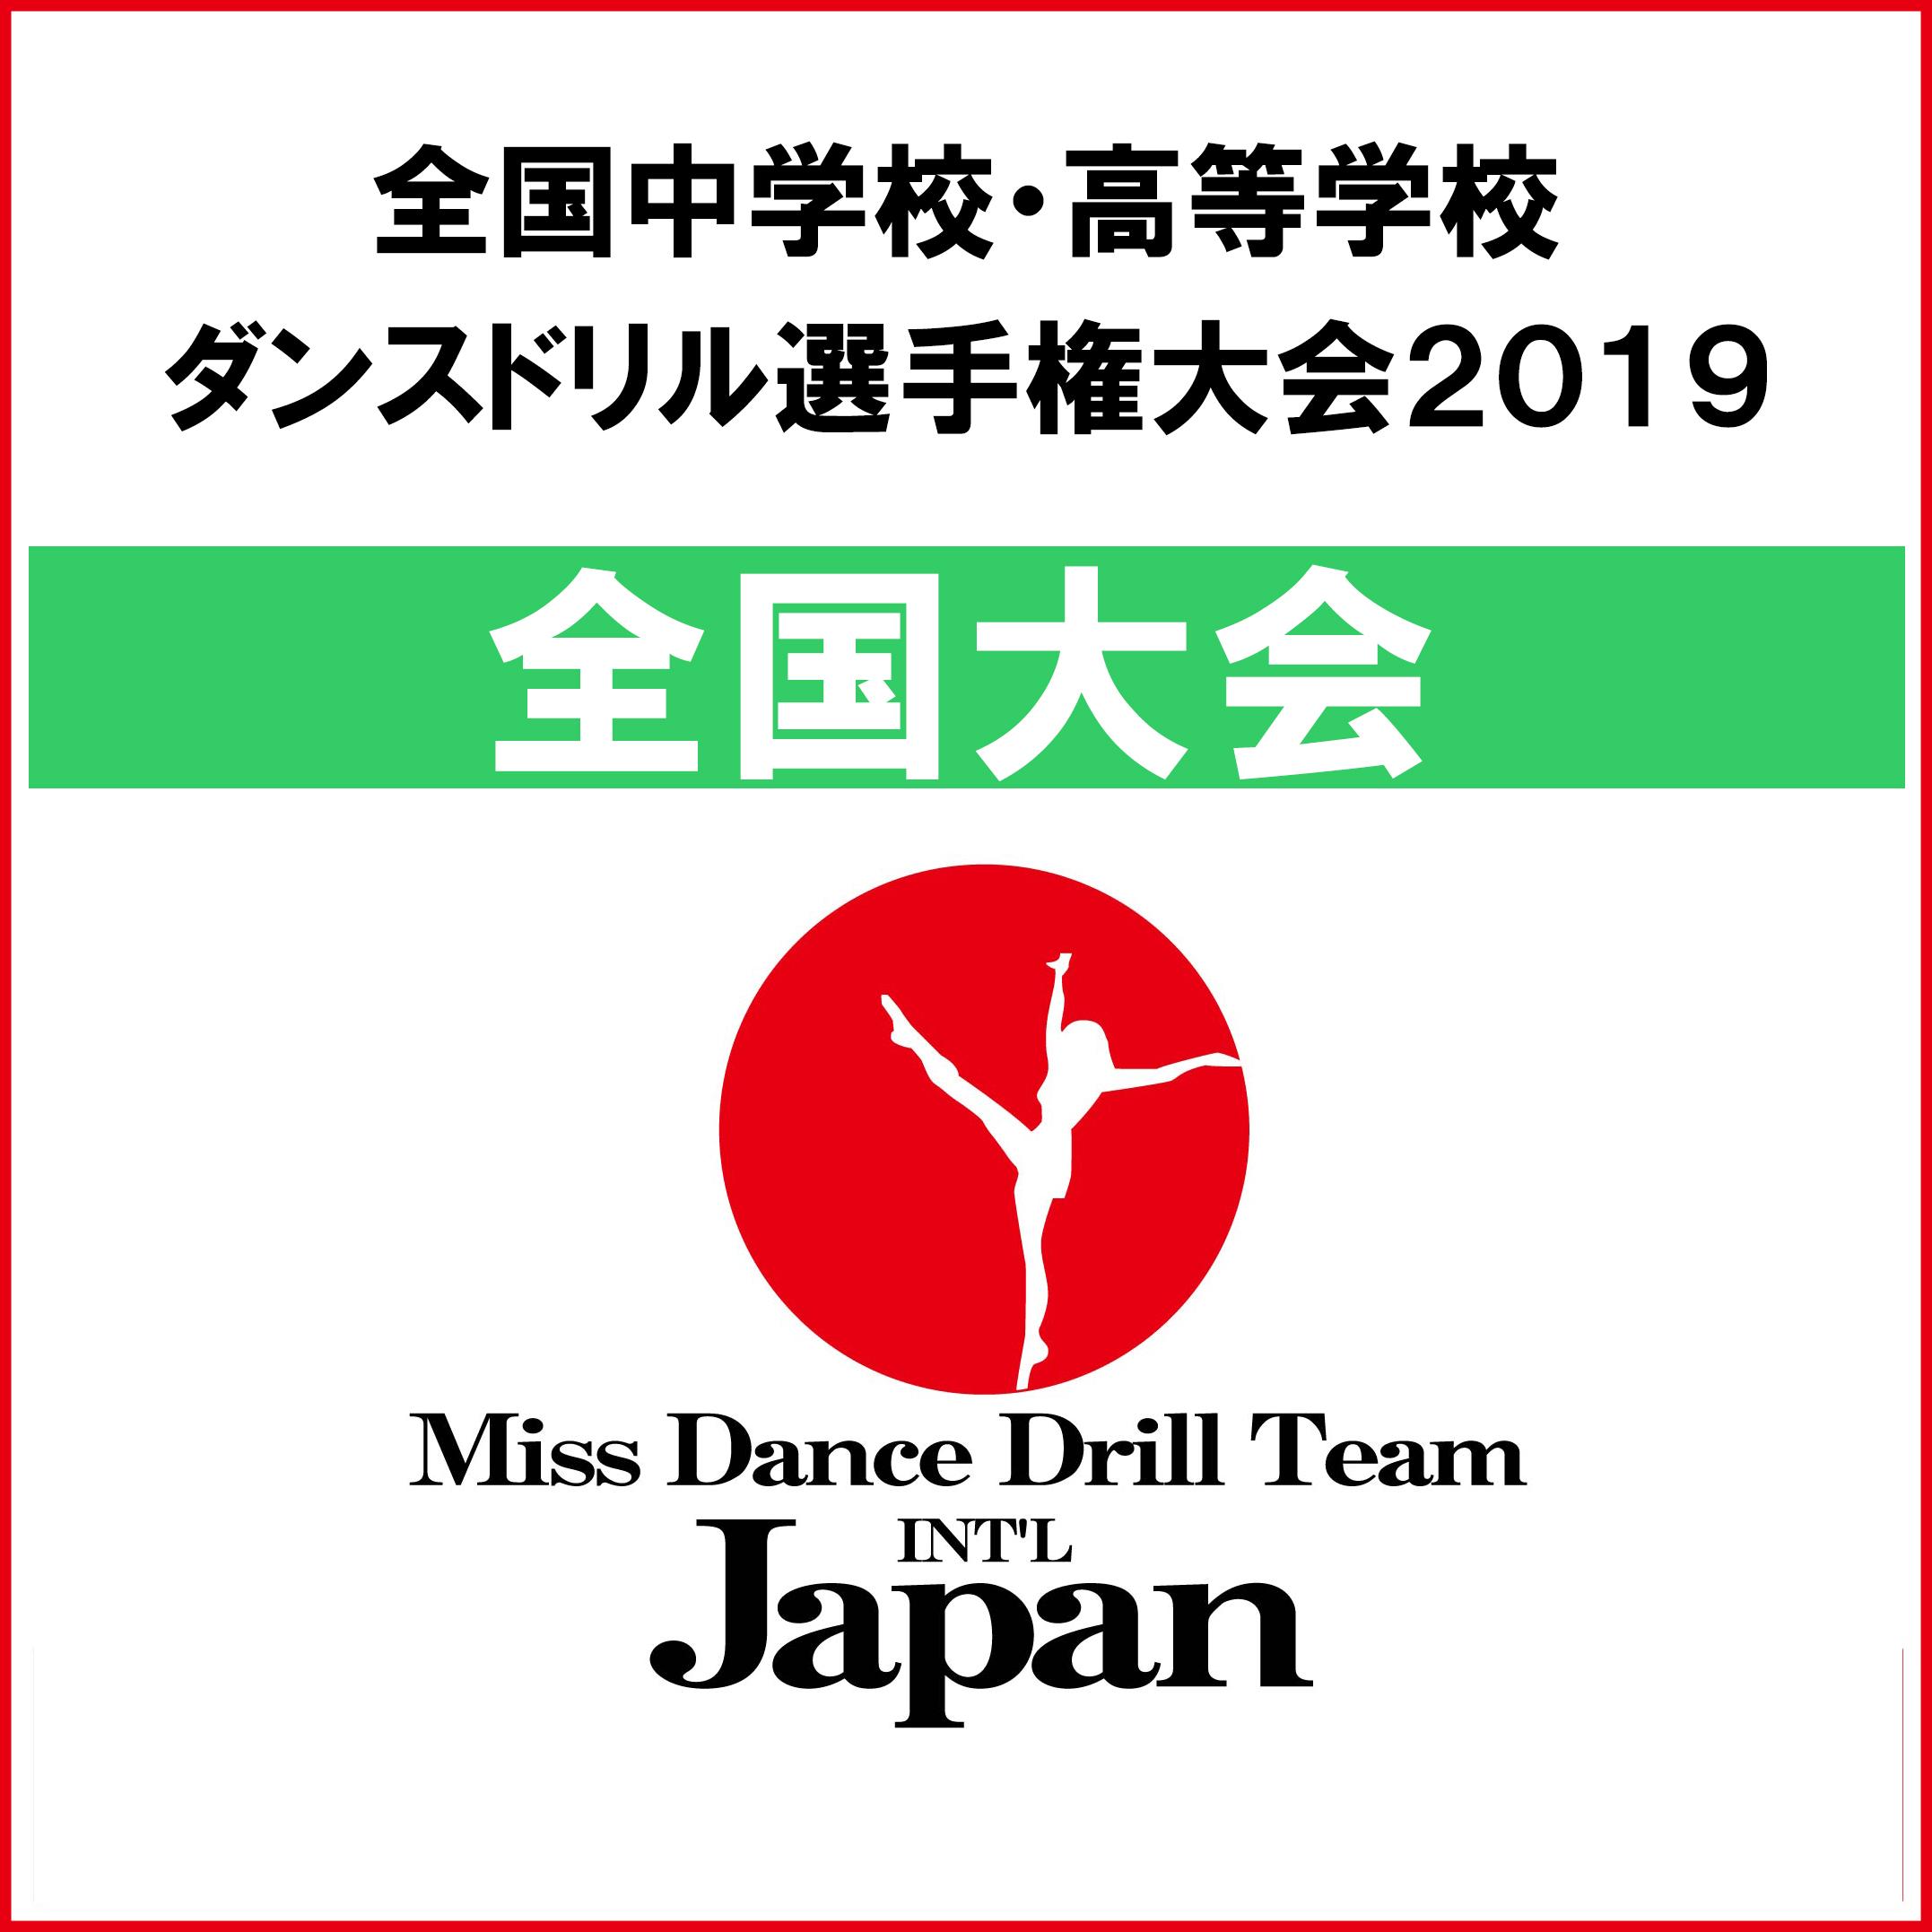 全国中学・高等学校ダンスドリル選手権大会2019